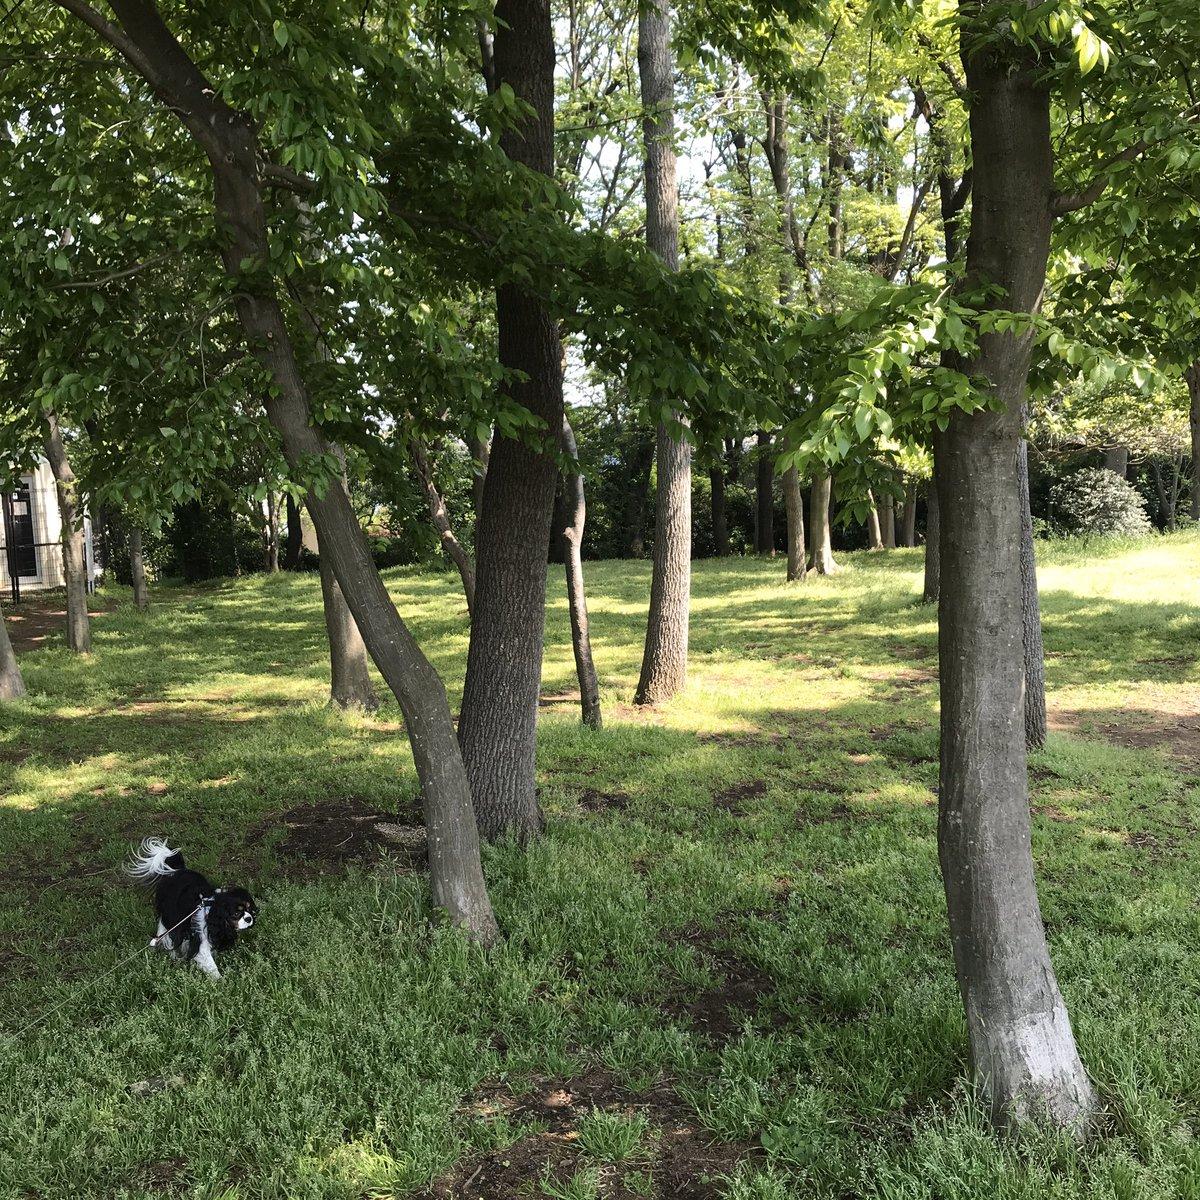 朝の散歩が気持ちのいい季節です。  朝の光を浴びると、身体がスッキリと目覚め、体内時計が整います。  その結果、睡眠パターンが安定し、ダイエットにもつながるという研究結果もあるんですよ。  散歩に行かれなくても、窓際に座って朝の光を浴びてみてくださいね。  #スパイア #朝の散歩 #犬の散歩 https://t.co/duc3Ocqqed